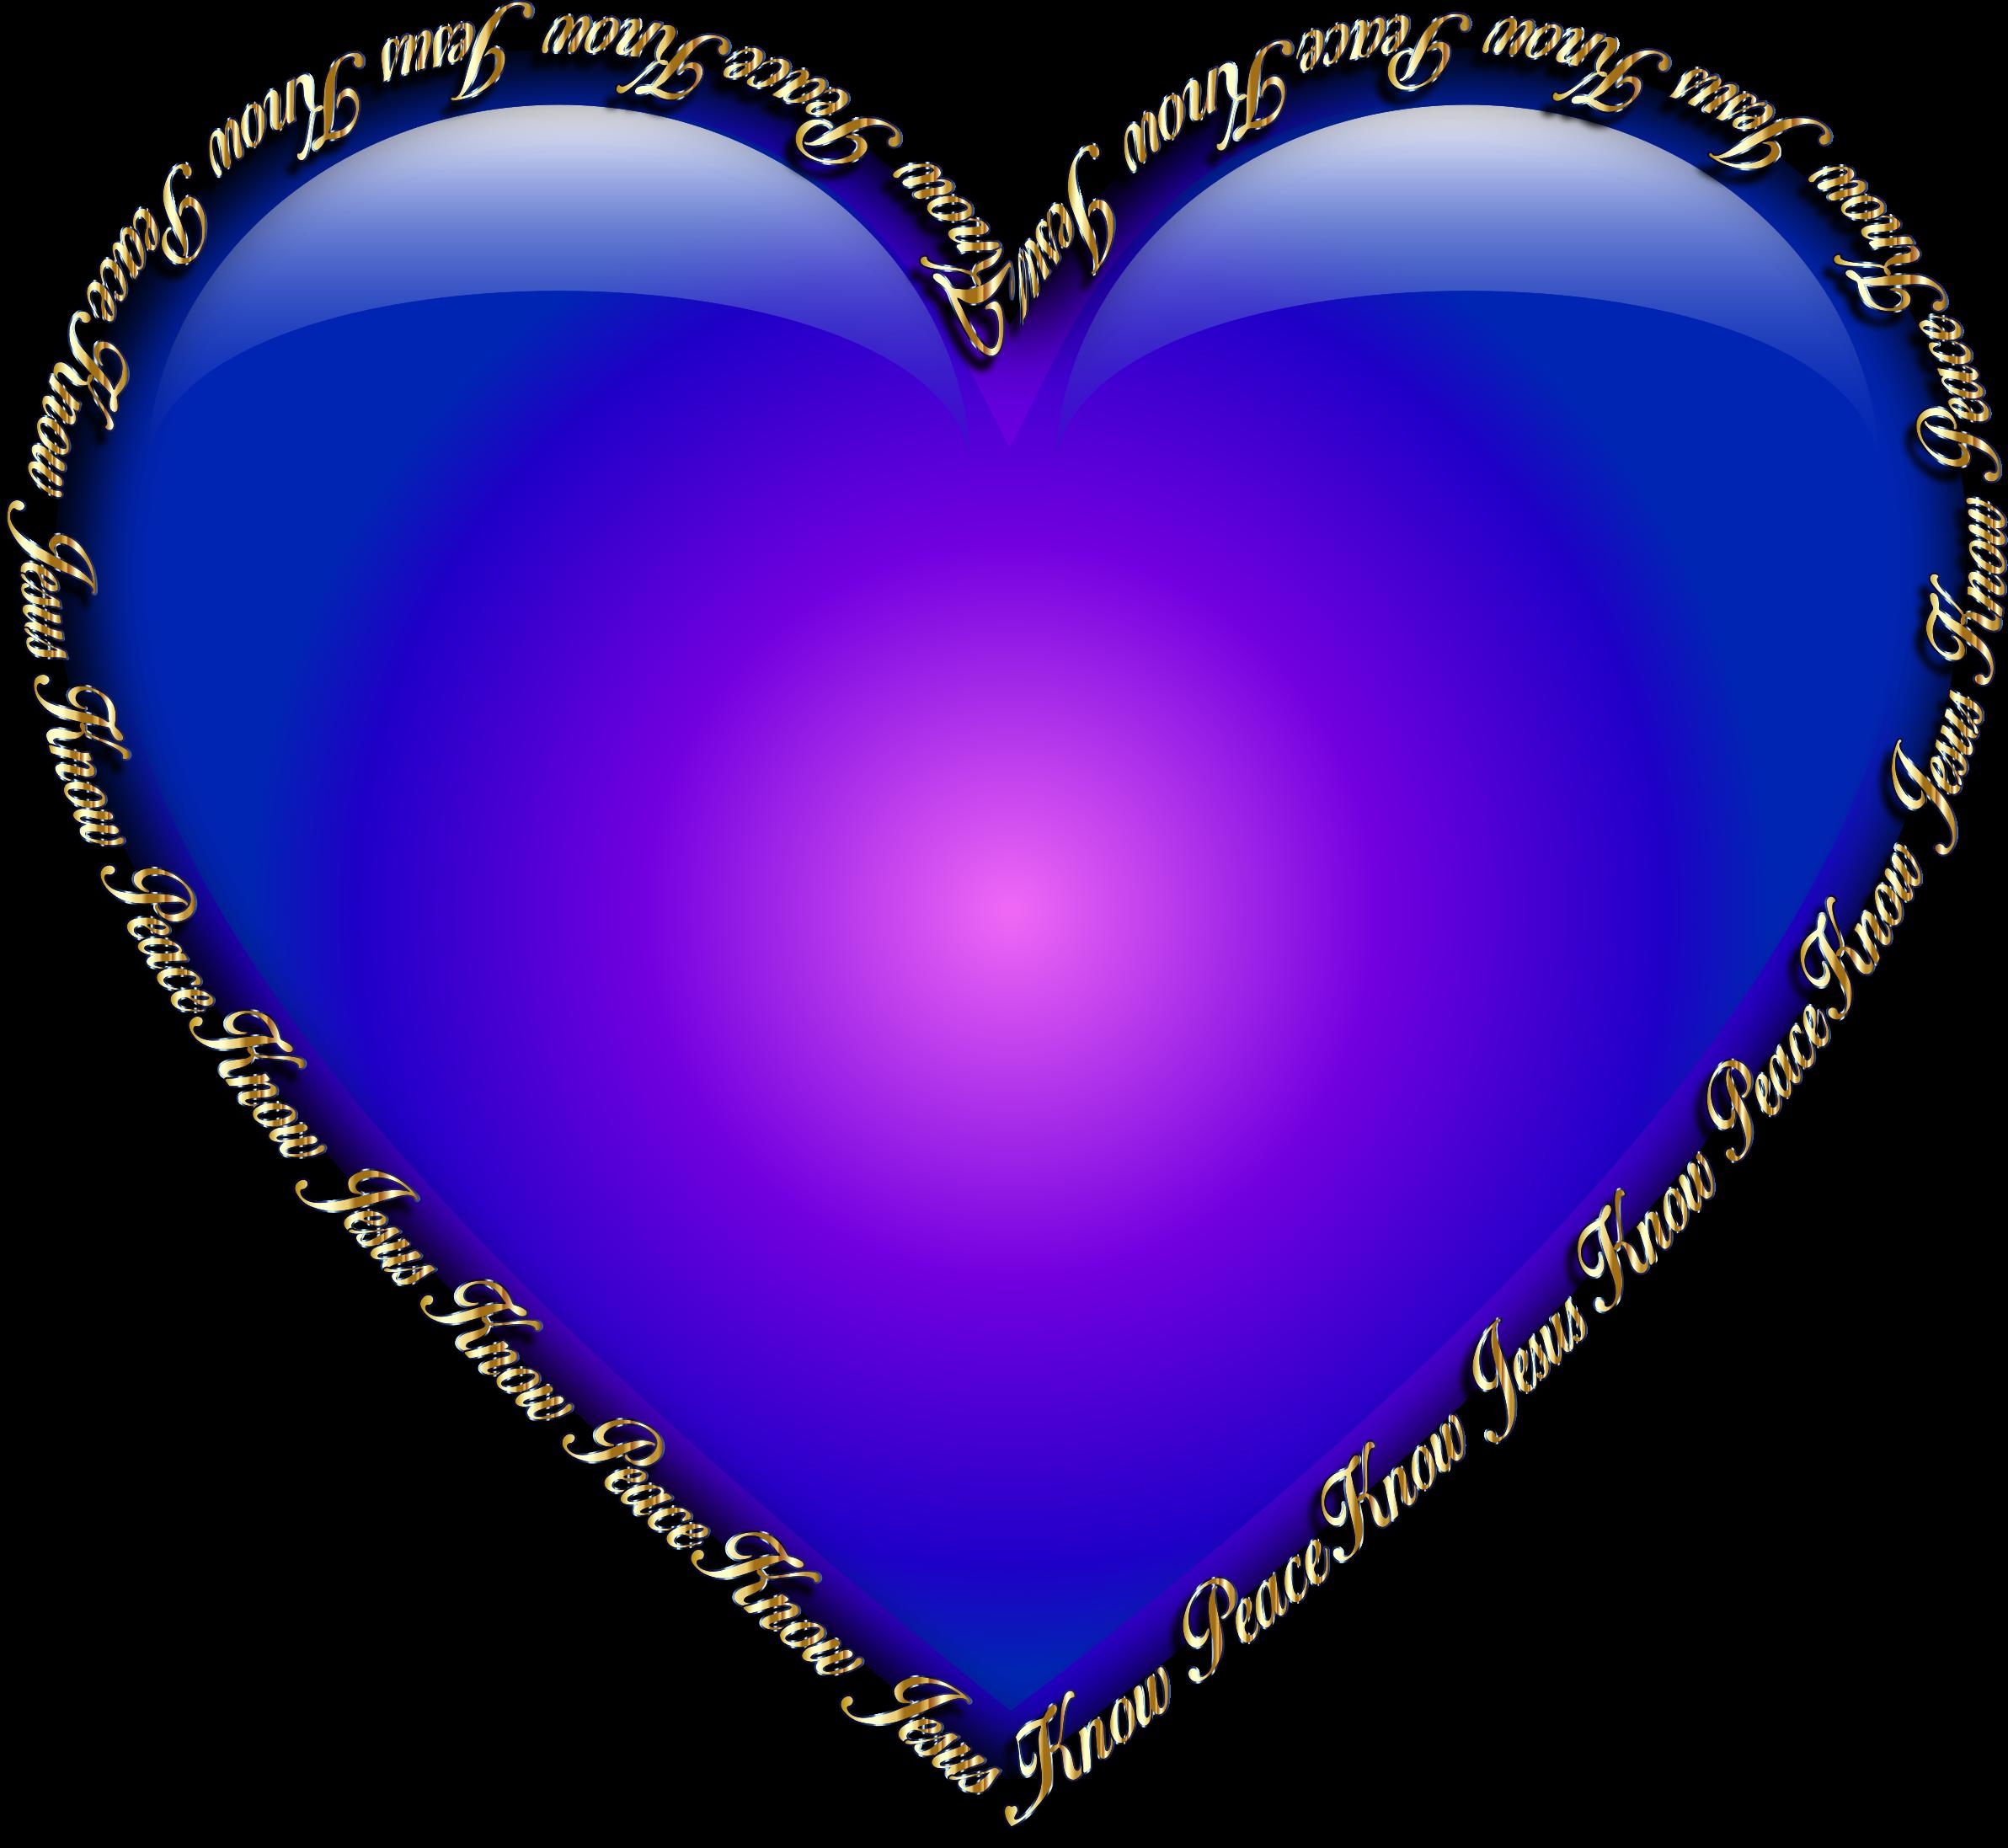 уже картинки сердечки синего цвета находишь